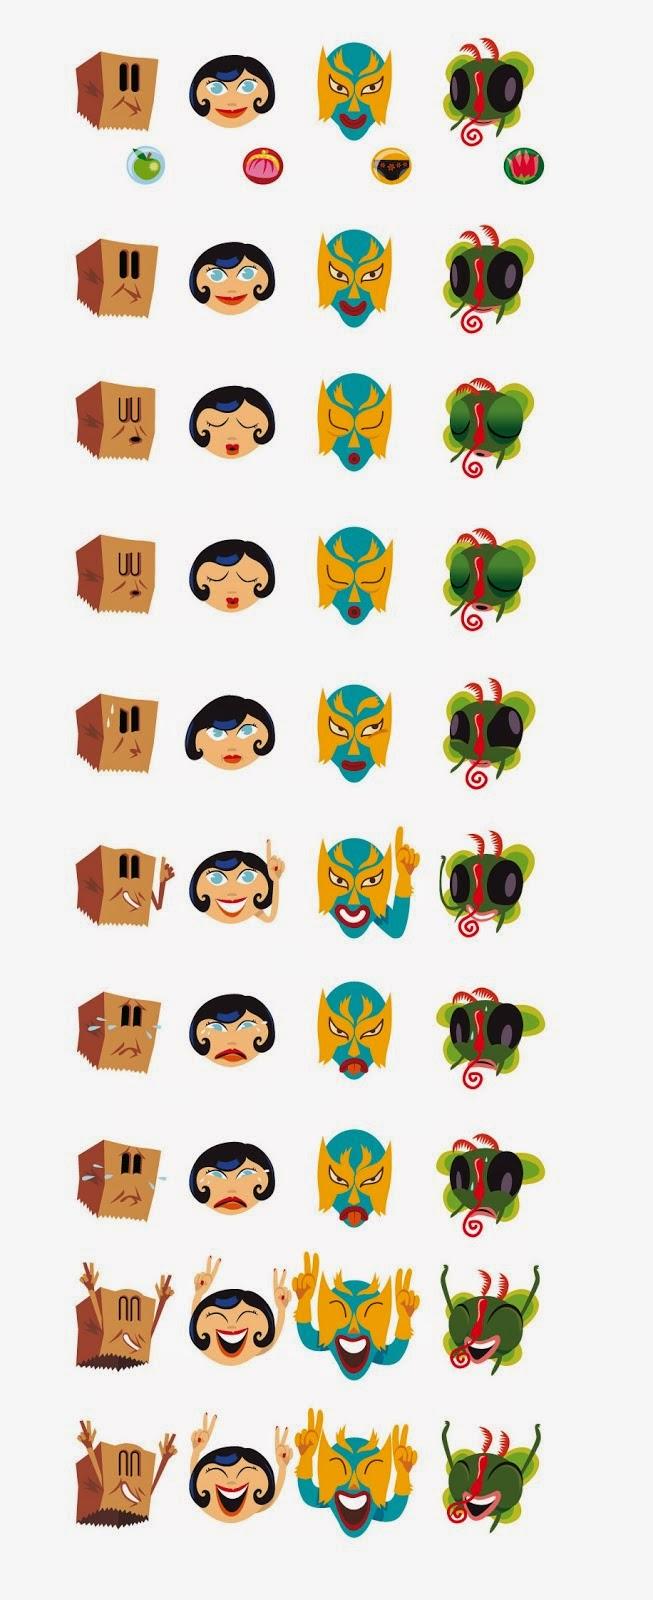 global characters